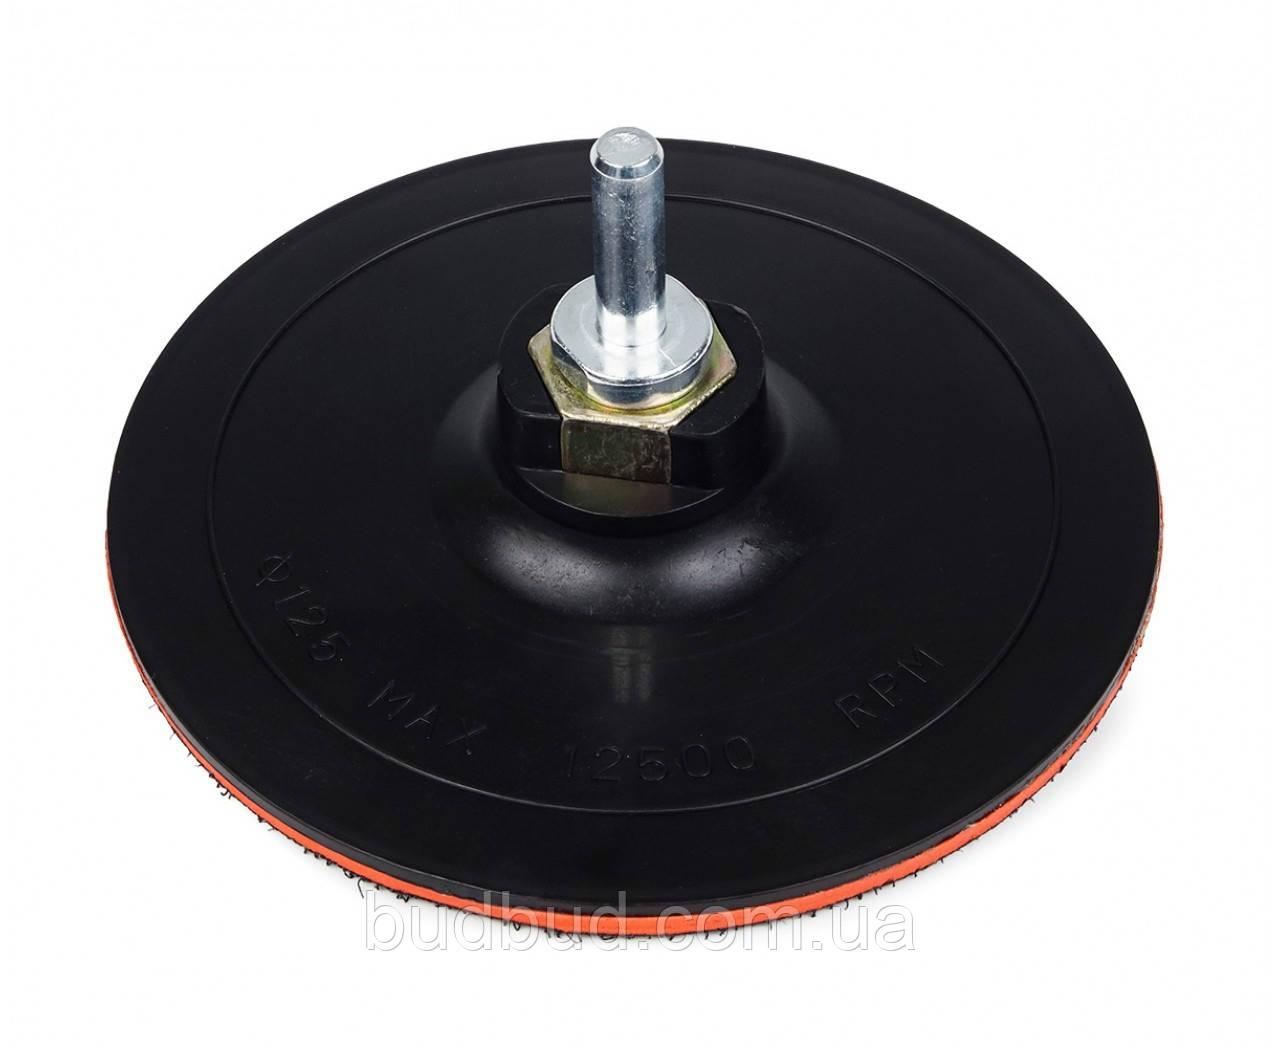 Крепежная платформа для наждачных кругов 125мм*2мм (54-043) POLAX